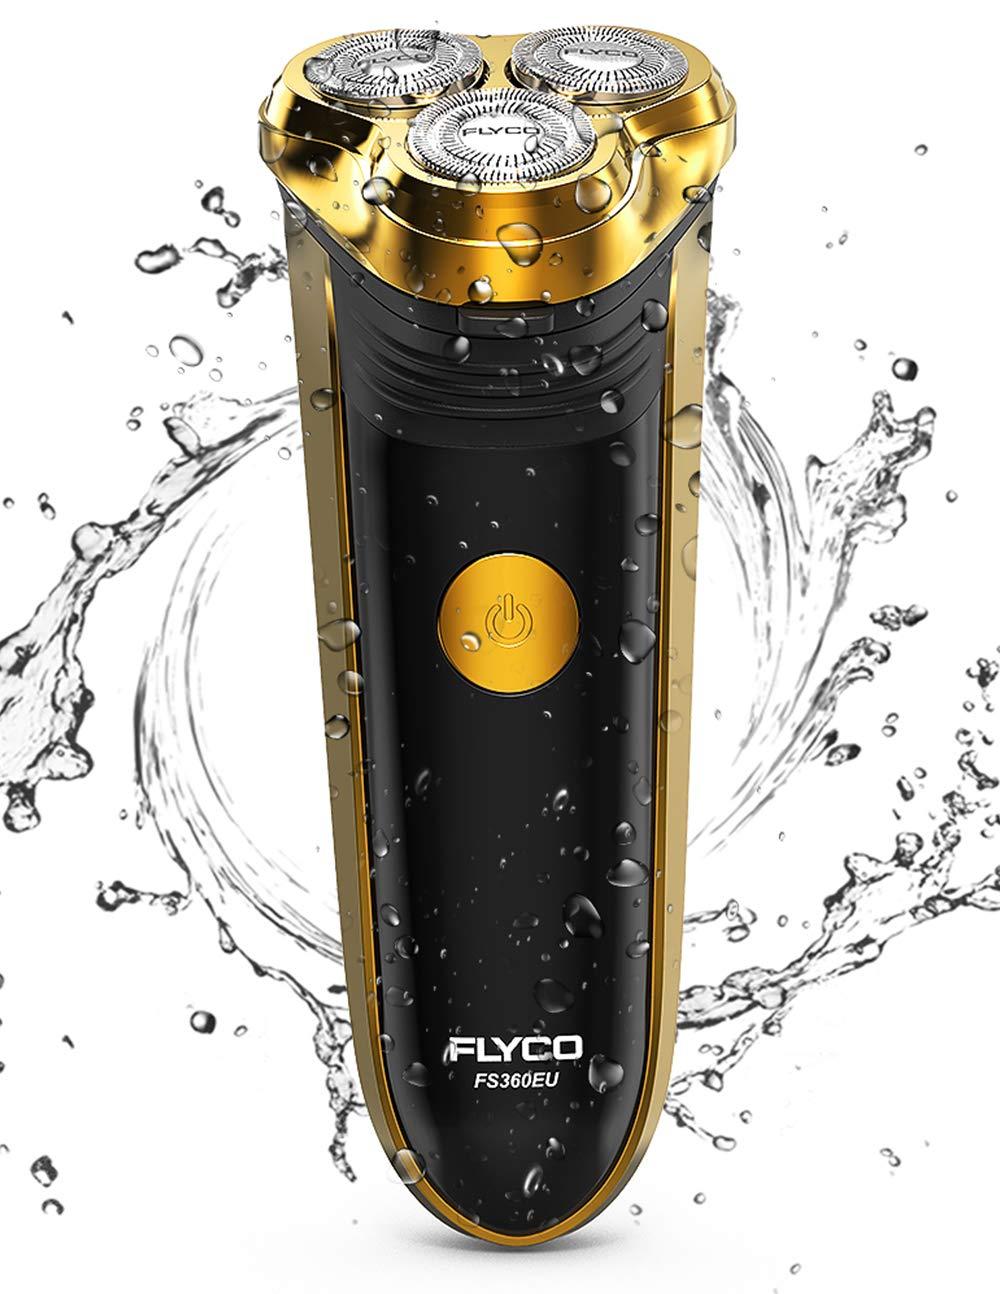 FLYCO Afeitadora Electrica Hombre FS360EU,Afeitar Hombre Electrica Afeitadora Barba Máquina De Afeitar Para Hombre Recortadora Barba,Recargable Maquinilla de Afeitar product image